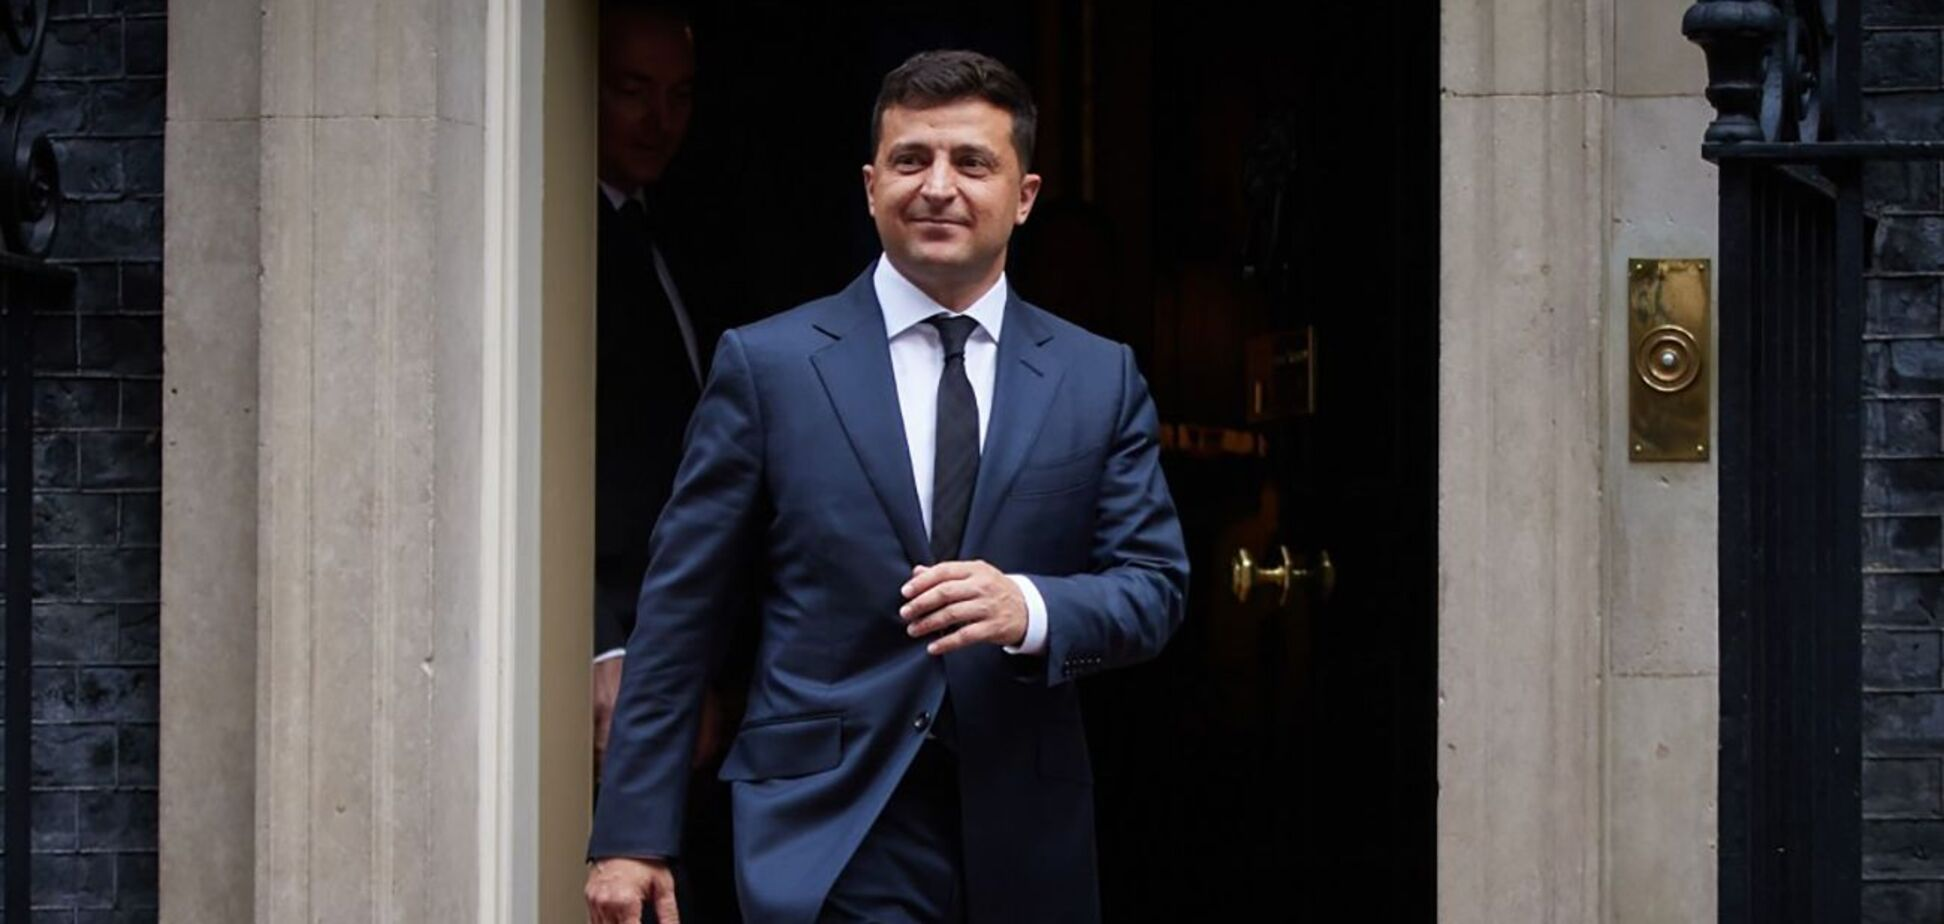 Зеленский провел встречу в Великобритании с главой Ми-6